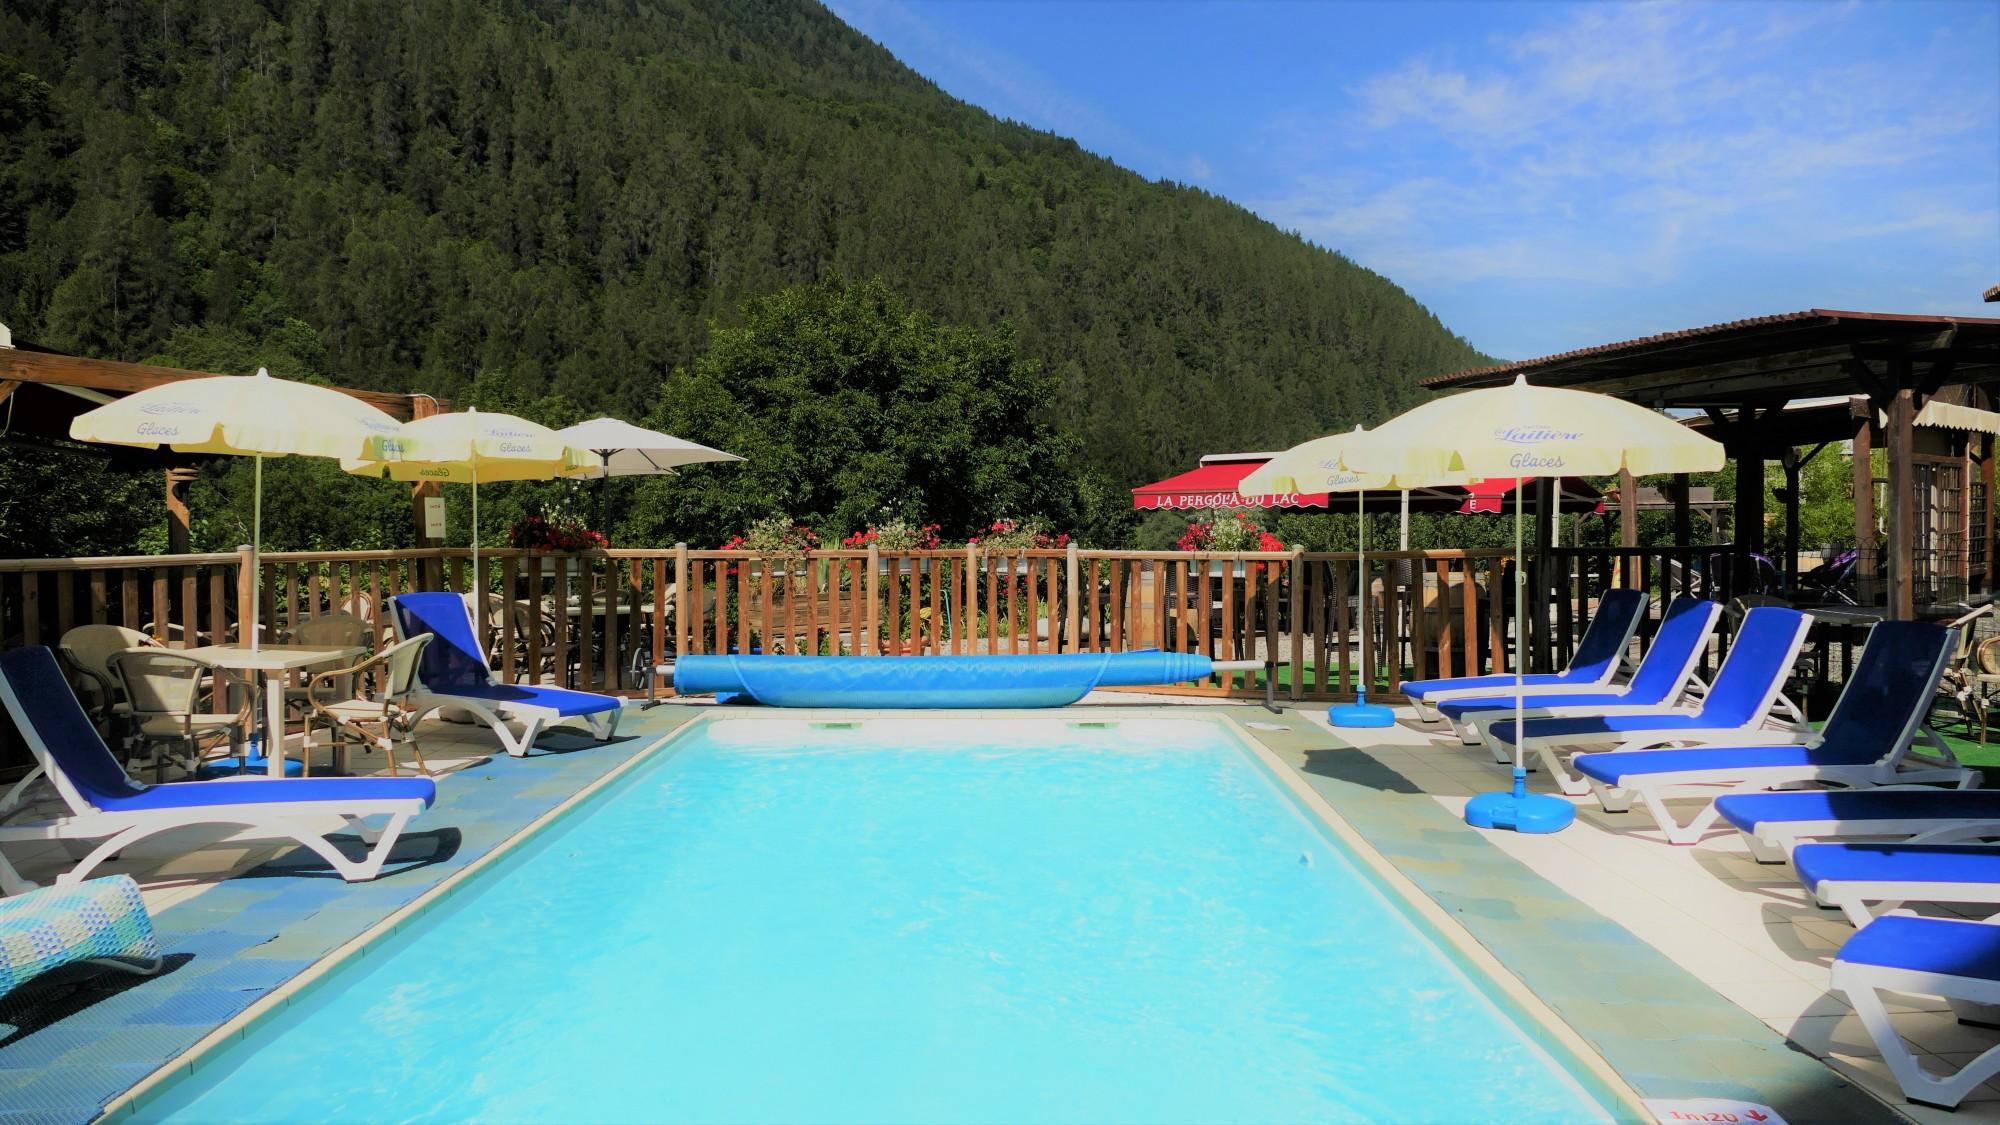 lac lauzet vallée ubaye montagnes piscine